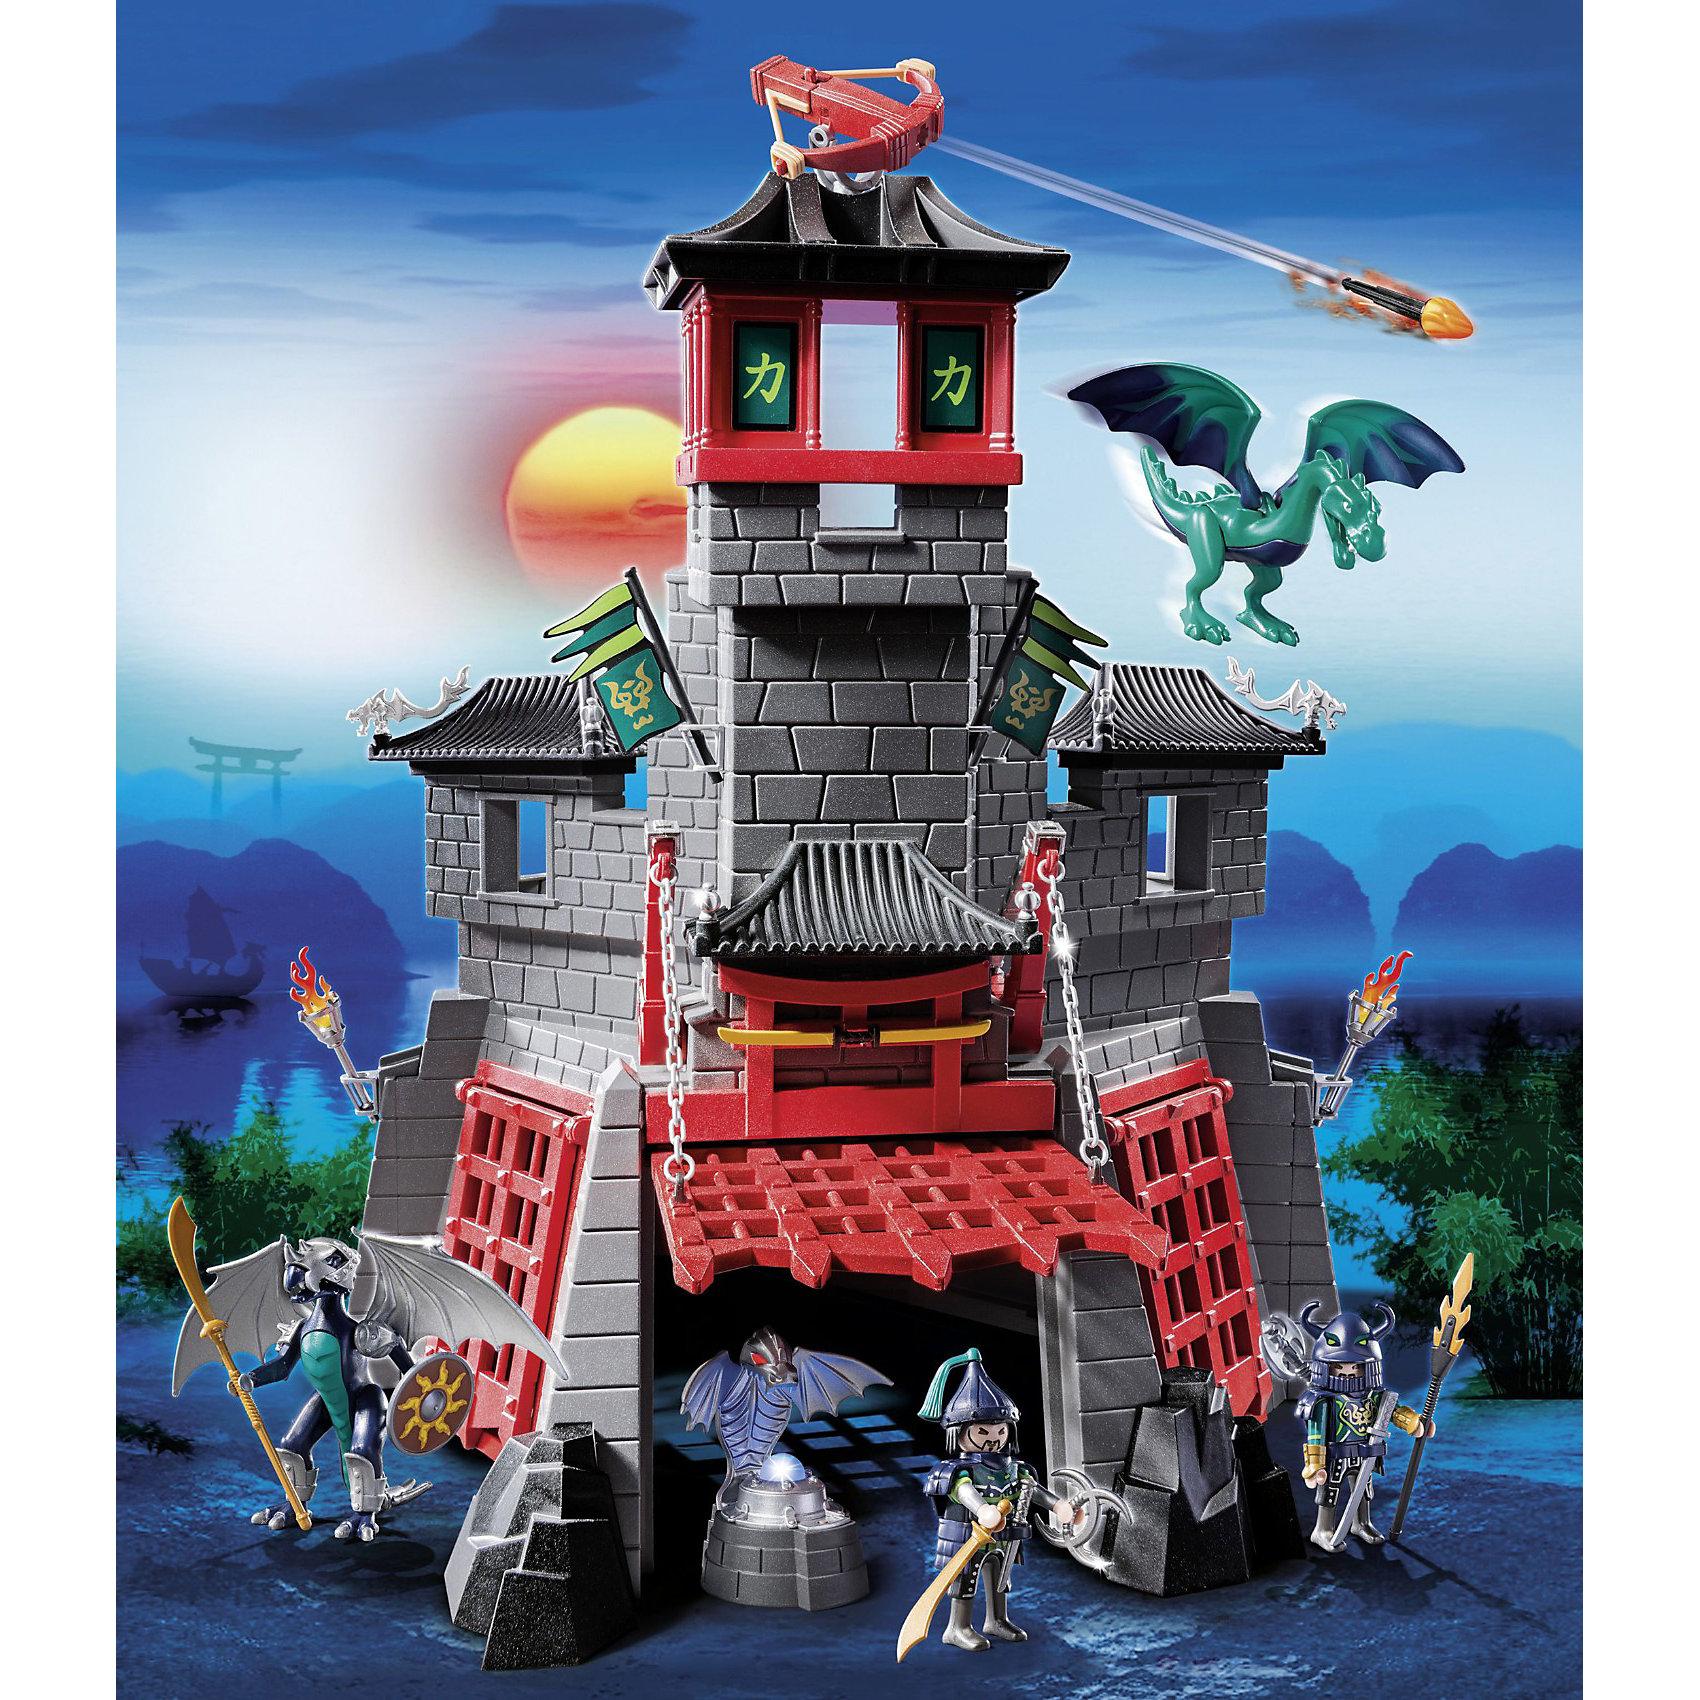 Секретный форт Дракона, PLAYMOBILPLAYMOBIL 5480 Азиатский дракон: Секретный форт Дракона - впечатляющий игровой набор с элементами конструктора, который не оставит равнодушным не только ребенка но даже взрослого. В наборе Вы найдете военный форт в традиционном азиатском стиле с характерными башенками и крышами. Подвесные ворота открываются, внутри расположен тайник, защищенный падающей решеткой с шипами, в котором хранится магический кристалл. В форте размещено множество тайных ловушек, темниц и сокровищниц, что превратит поиск кристалла в настоящее захватывающее приключение. Охраняют форт два голубых дракона, которые не допустят врага на свою территорию. На крыше установлено работающее орудие, которое стреляет огненными зарядами.<br><br>Множество аксессуаров и игровых элементов открывают большой простор для фантазии и сделают игру еще интереснее. У фигурок воинов и маленького дракона подвижные части тела, можно вложить им в руки мелкие предметы, вся экипировка легко снимается. Большой дракон облачен в броню, которая снимается, на спину ему можно посадить фигурку воина. Включенная лампочка в кристалле горит 90 секунд, предусмотрен автоматический и ручной механизм ее отключения. Набор Секретный форт Дракона можно совмещать с другими наборами серии Азиатский дракон Playmobil. <br><br>Дополнительная информация:<br><br>- В комплекте: форт, 2 рыцаря в доспехах, 2 дракона, стреляющая пушка, потайной люк в полу, ворота, поднимающиеся на цепях, чучело дракона, аксессуары: оружие, щиты,<br>  факелы, кружки, лестница, флаги.  <br>- Материал: пластик.<br>- Высота фигурок рыцарей: 7,5 см.<br>- Требуется батарейка: 1 х ААА (в комплект не входит).<br>- Размер упаковки: 40 х 17,5 х 50 см. <br>- Вес: 2,5 кг.<br><br>PLAYMOBIL 5480 Азиатский дракон: Секретный форт Дракона (Плеймобил) можно купить в нашем интернет-магазине.<br><br>Ширина мм: 504<br>Глубина мм: 401<br>Высота мм: 180<br>Вес г: 2115<br>Возраст от месяцев: 60<br>Возраст до месяцев: 144<br>Пол: Мужской<br>Возраст: Детский<